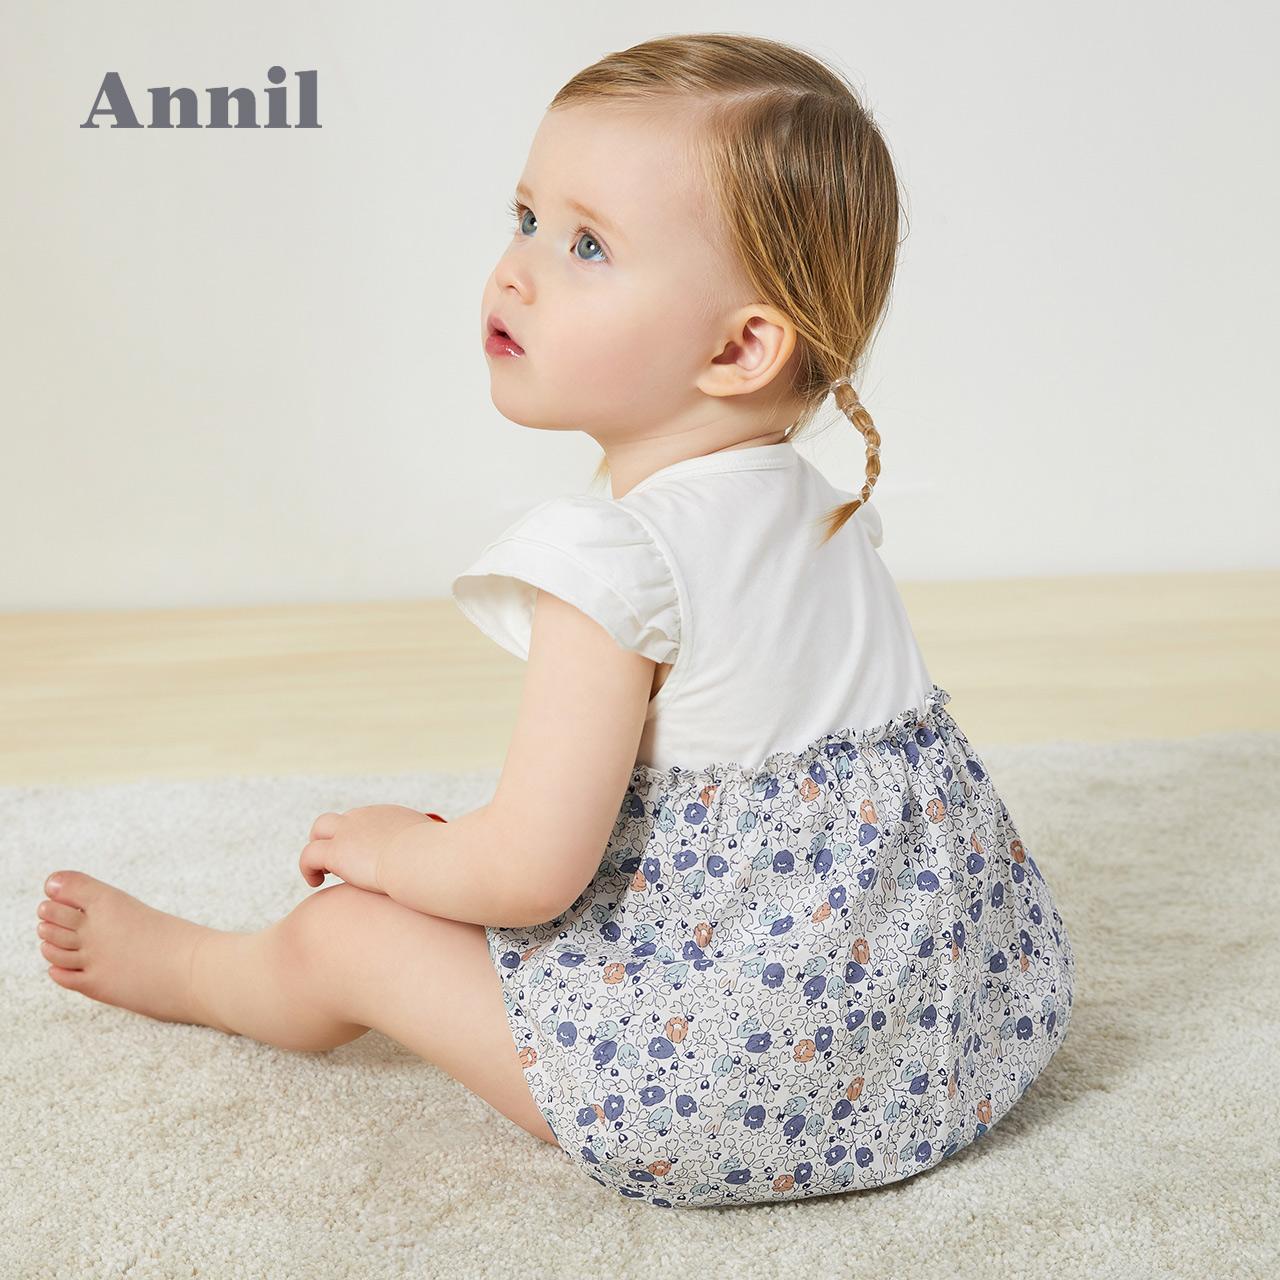 安奈兒女童連衣裙1一歲3嬰兒裙子夏童裝寶寶連體衣夏季兒童公主裙,降價幅度46.9%